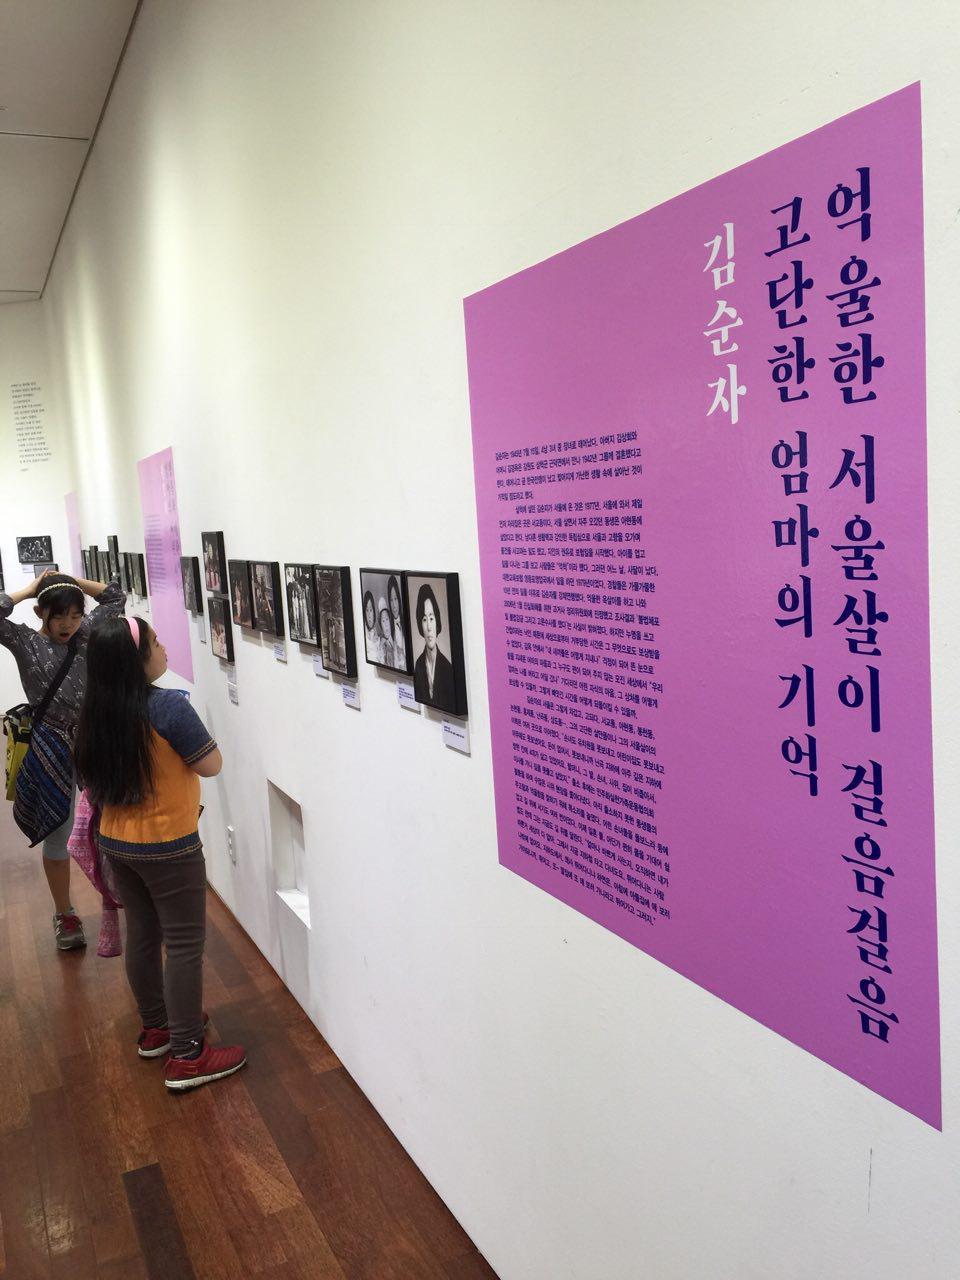 '기억발전소' 기획으로 시민청에서 열린 사진전시회